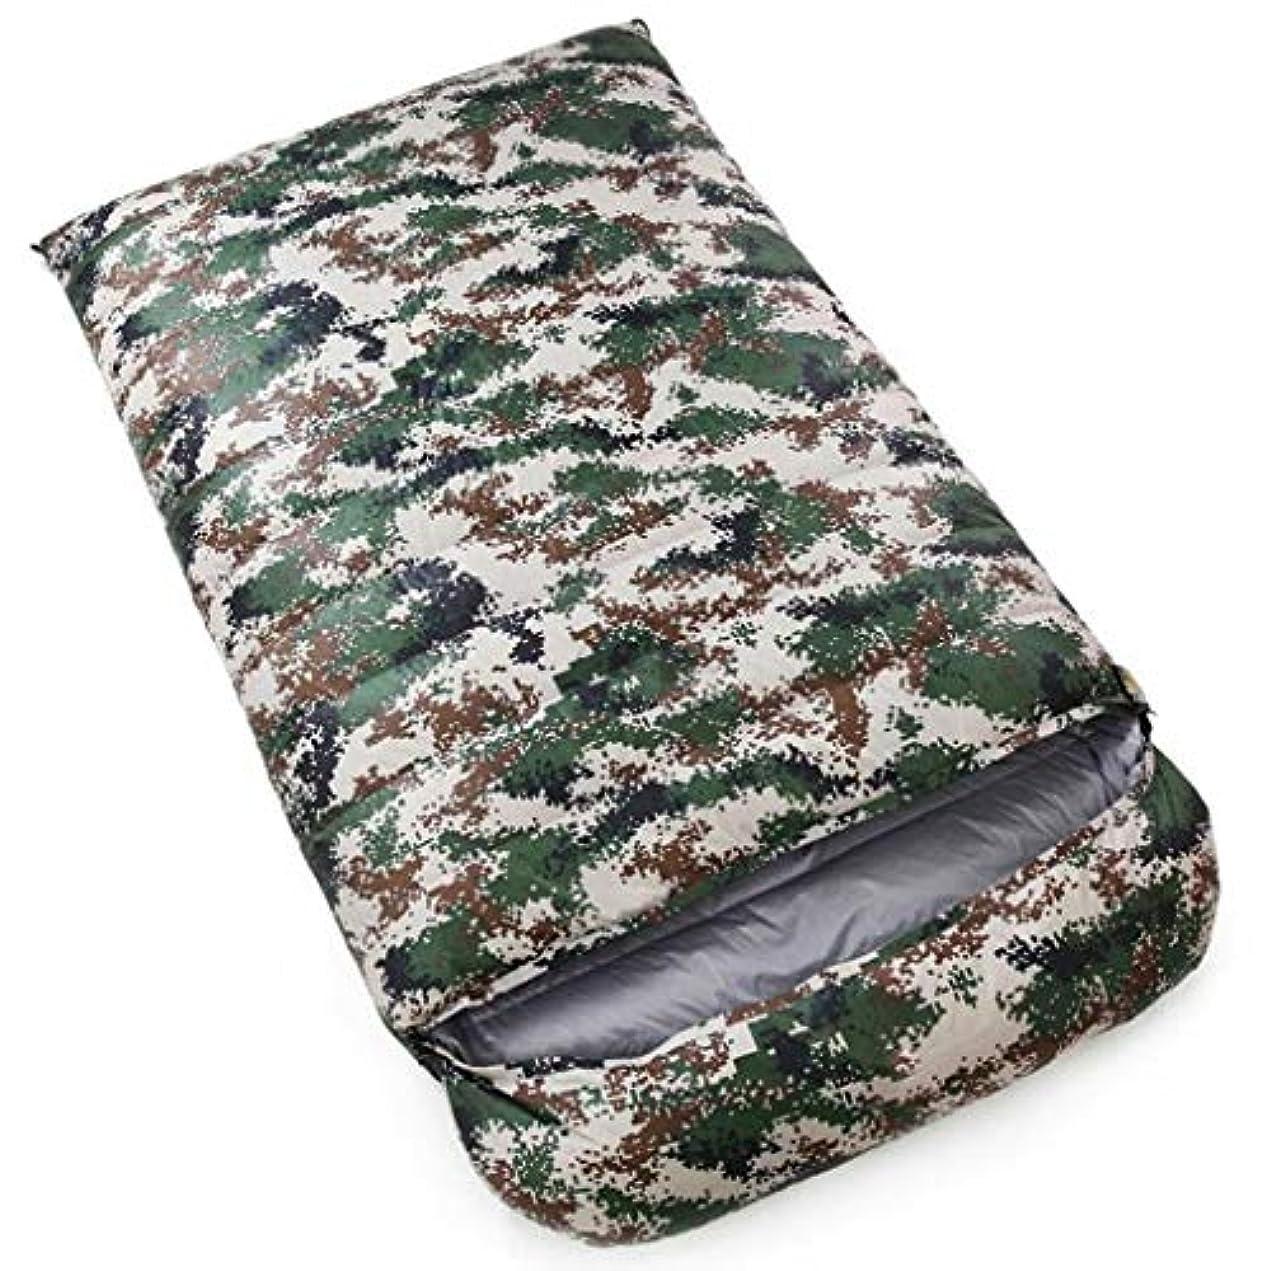 メアリアンジョーンズ誤って専制アウトドアアダルトキャンプ用寝袋フォーシーズン登山封筒ダブルウルトラライトダウン寝袋 (Capacity : 4.5kg, Color : Camouflage green)